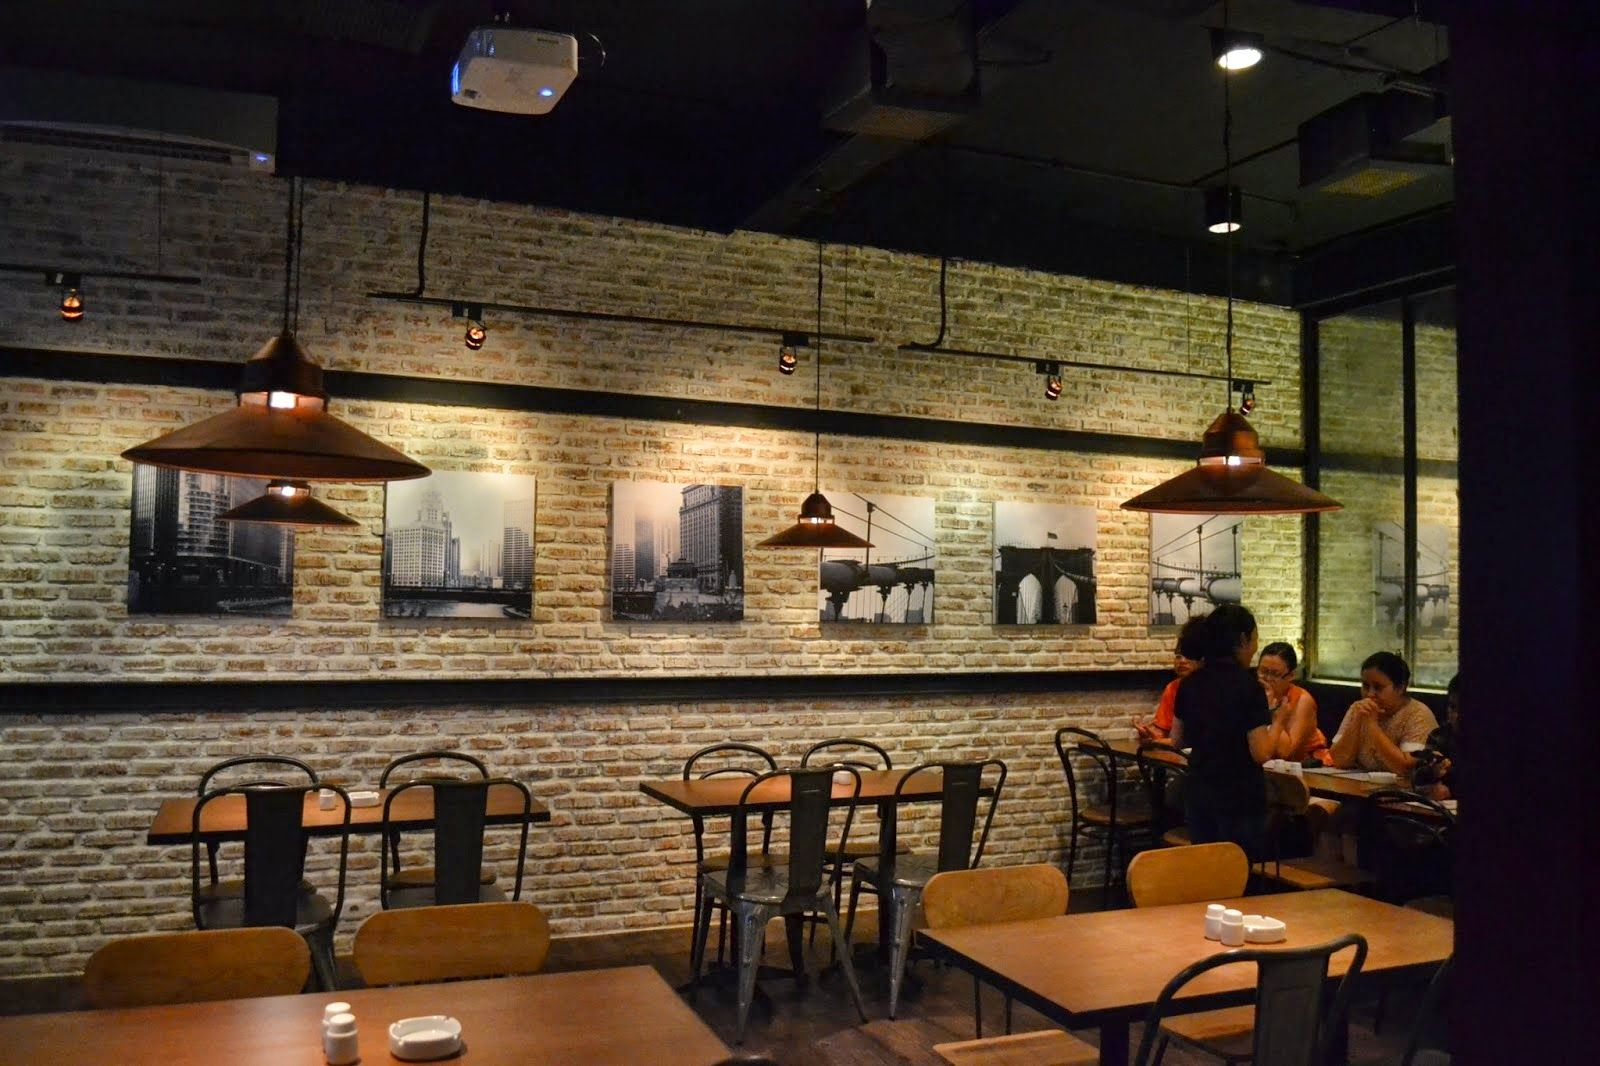 Interior Kafe Vintage Cafe Design Cafe Interior Design Vintage